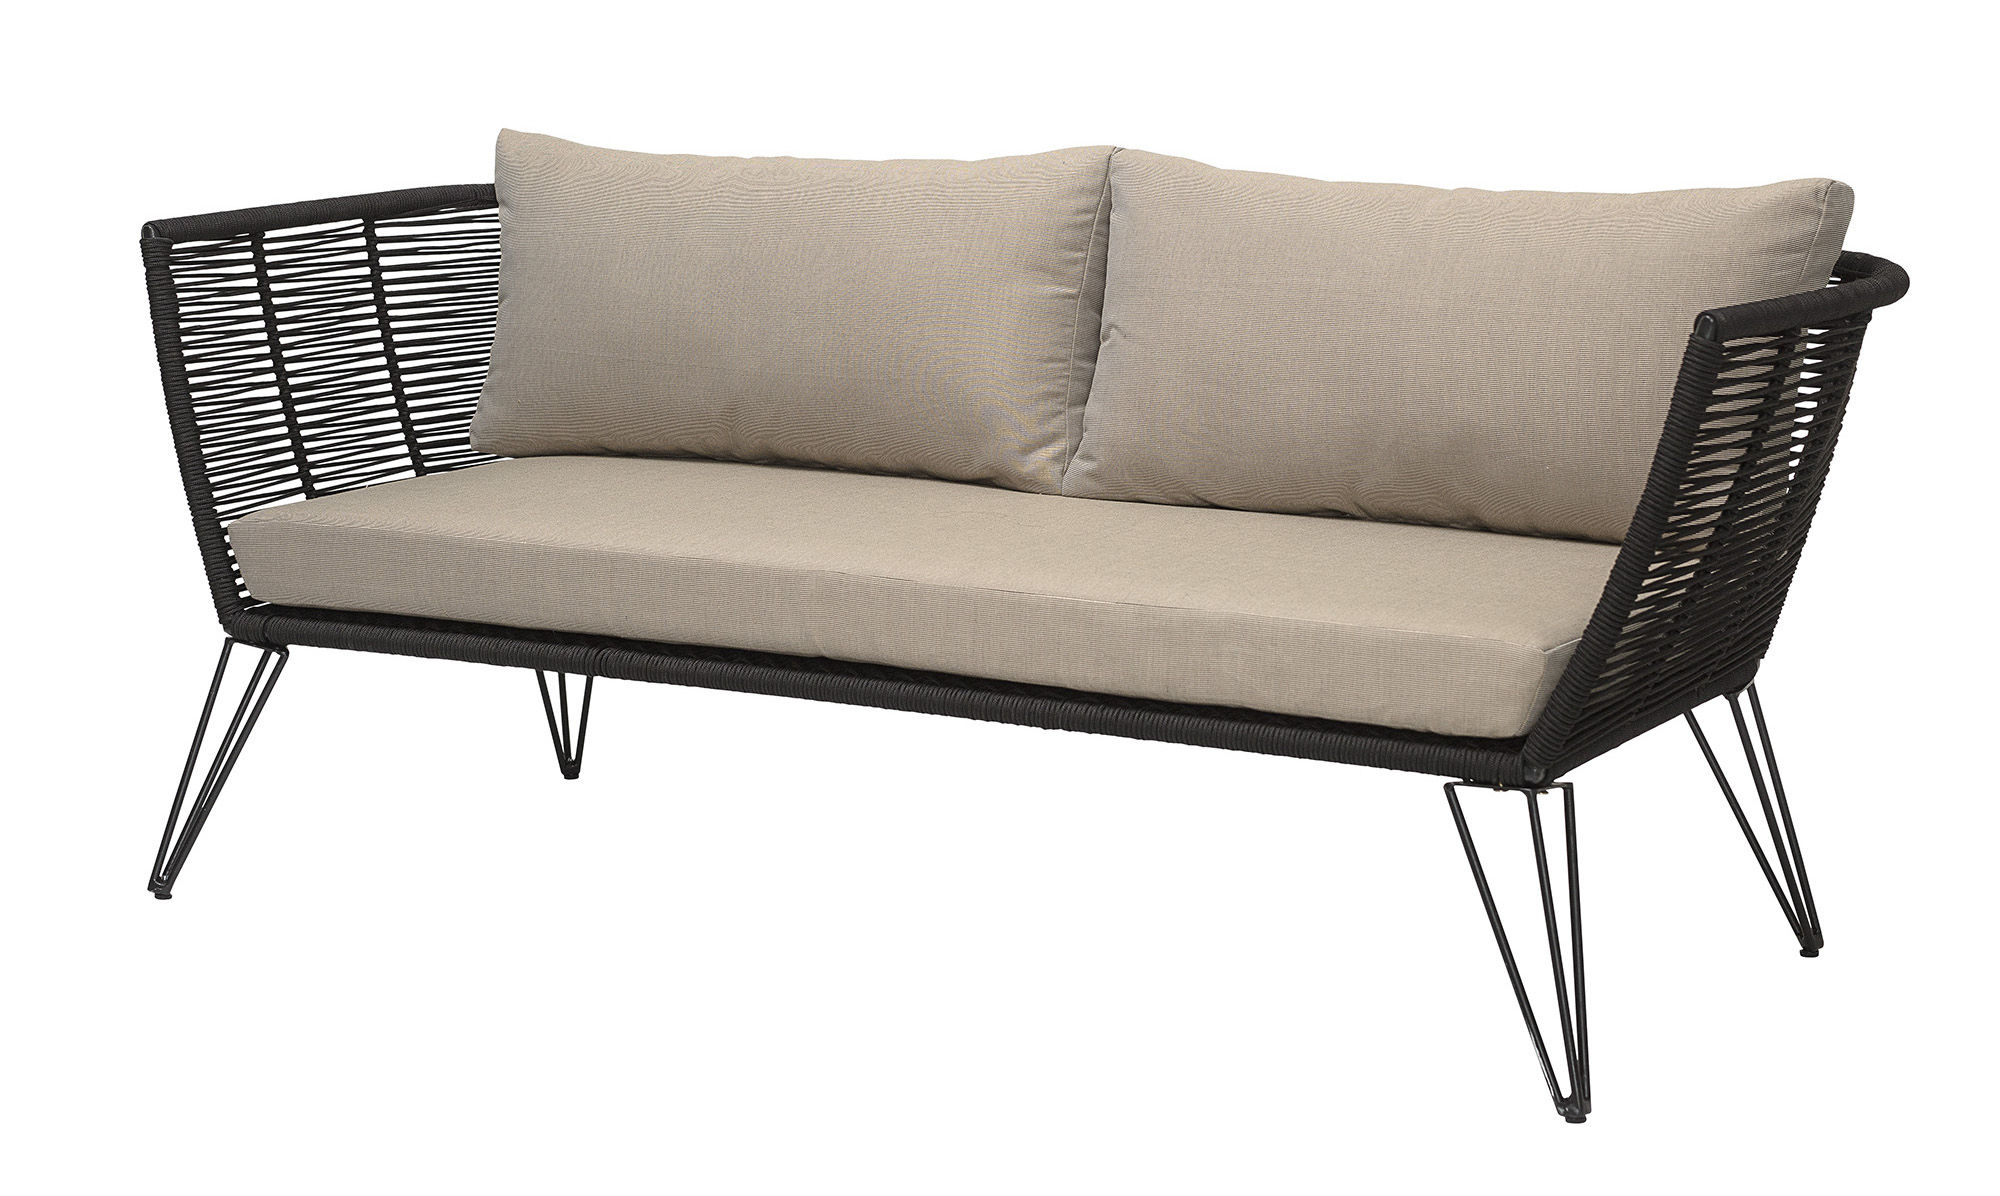 Metal divano destro l cm interno esterno talpa nero